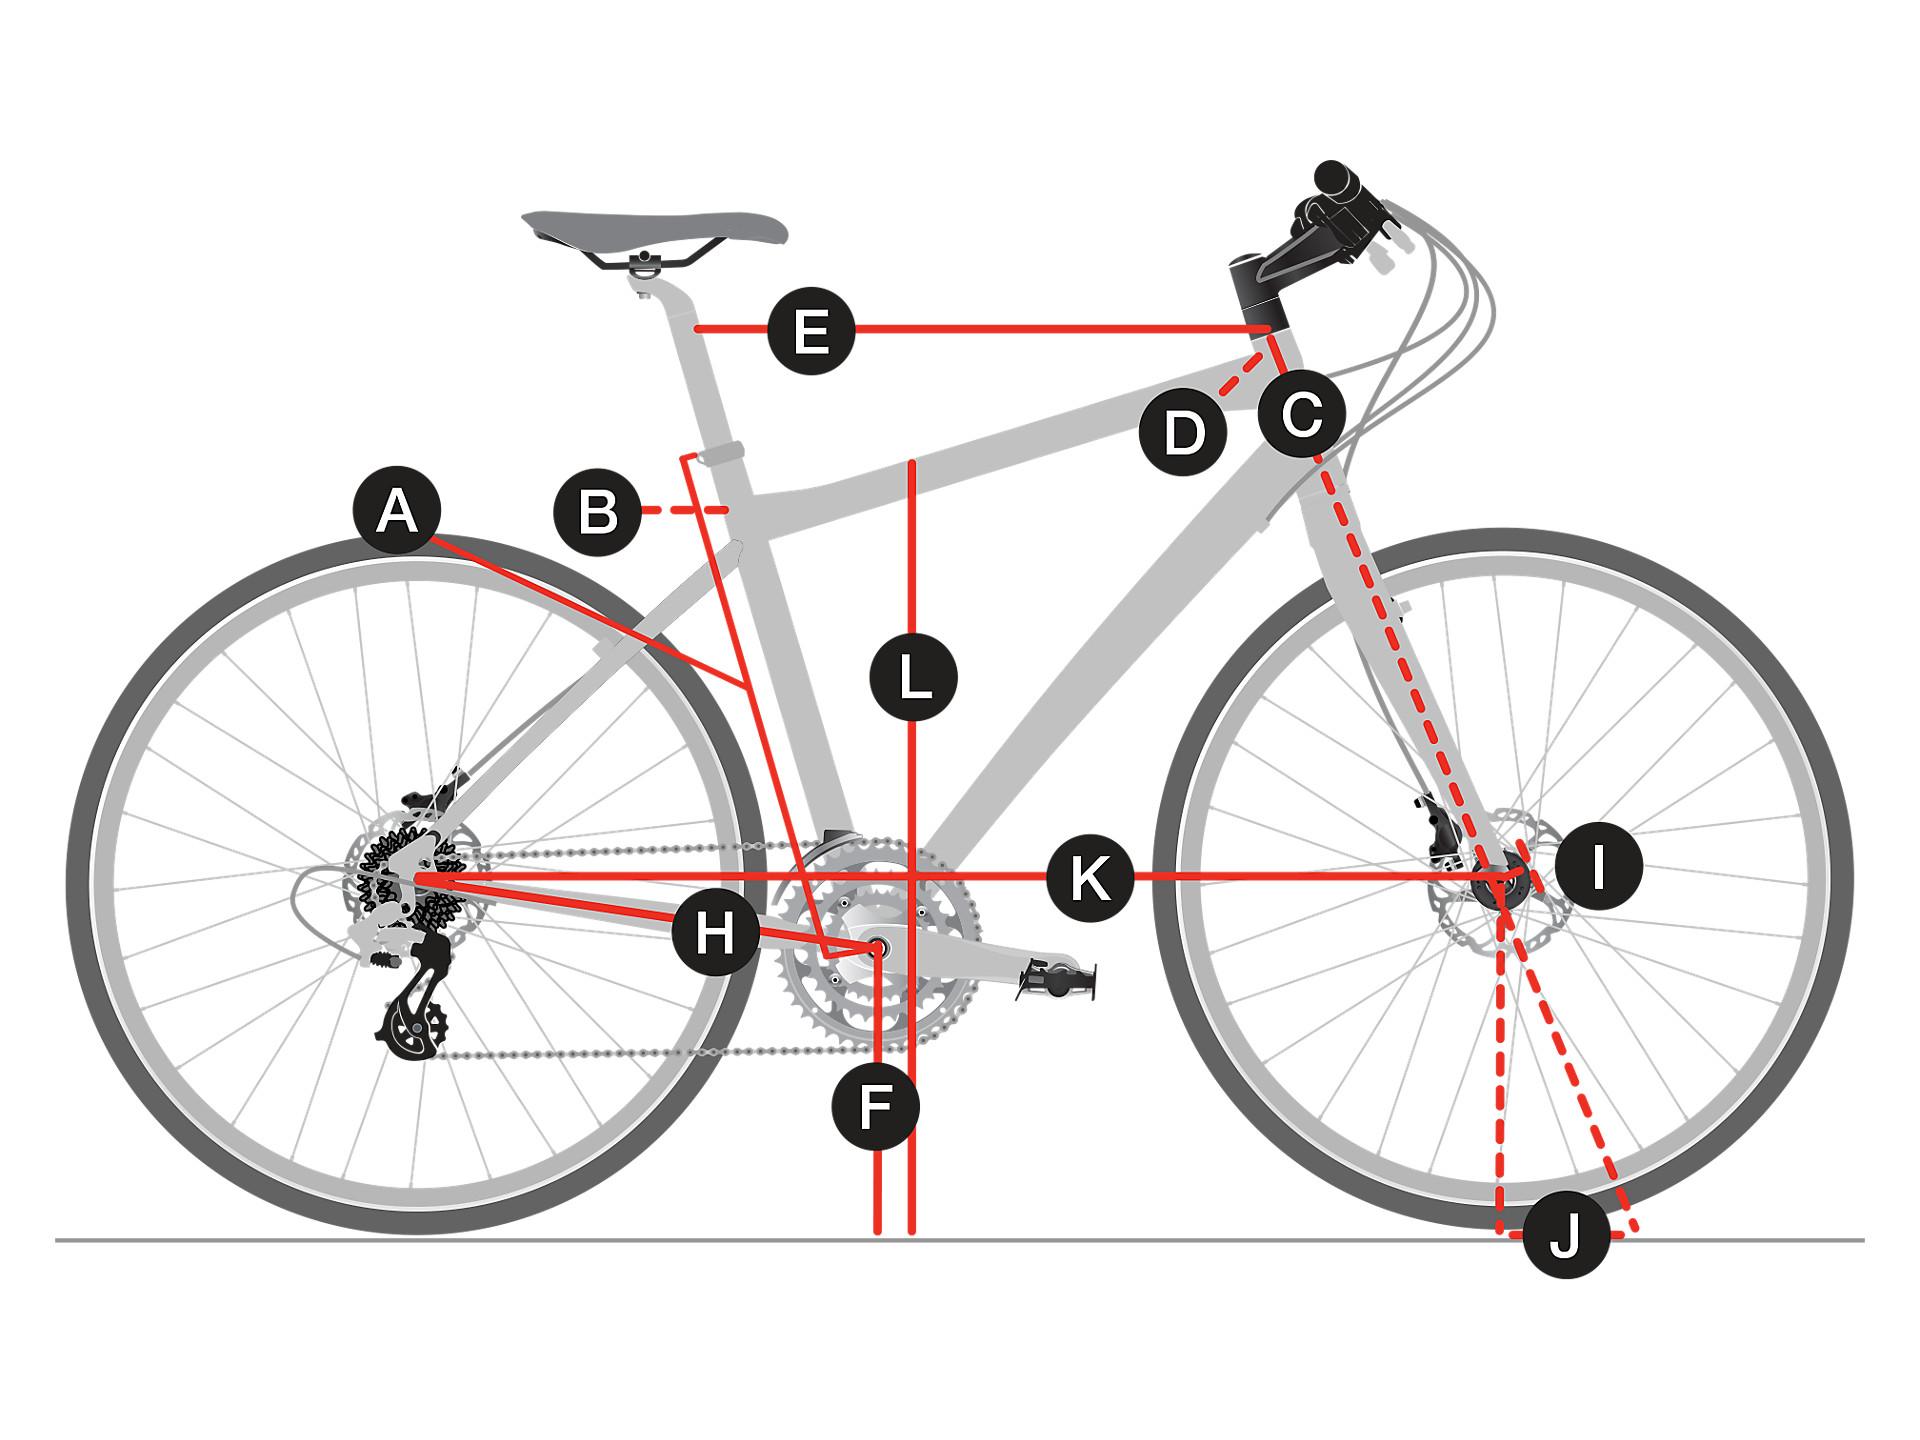 FX 3 Disc | Trek Bikes